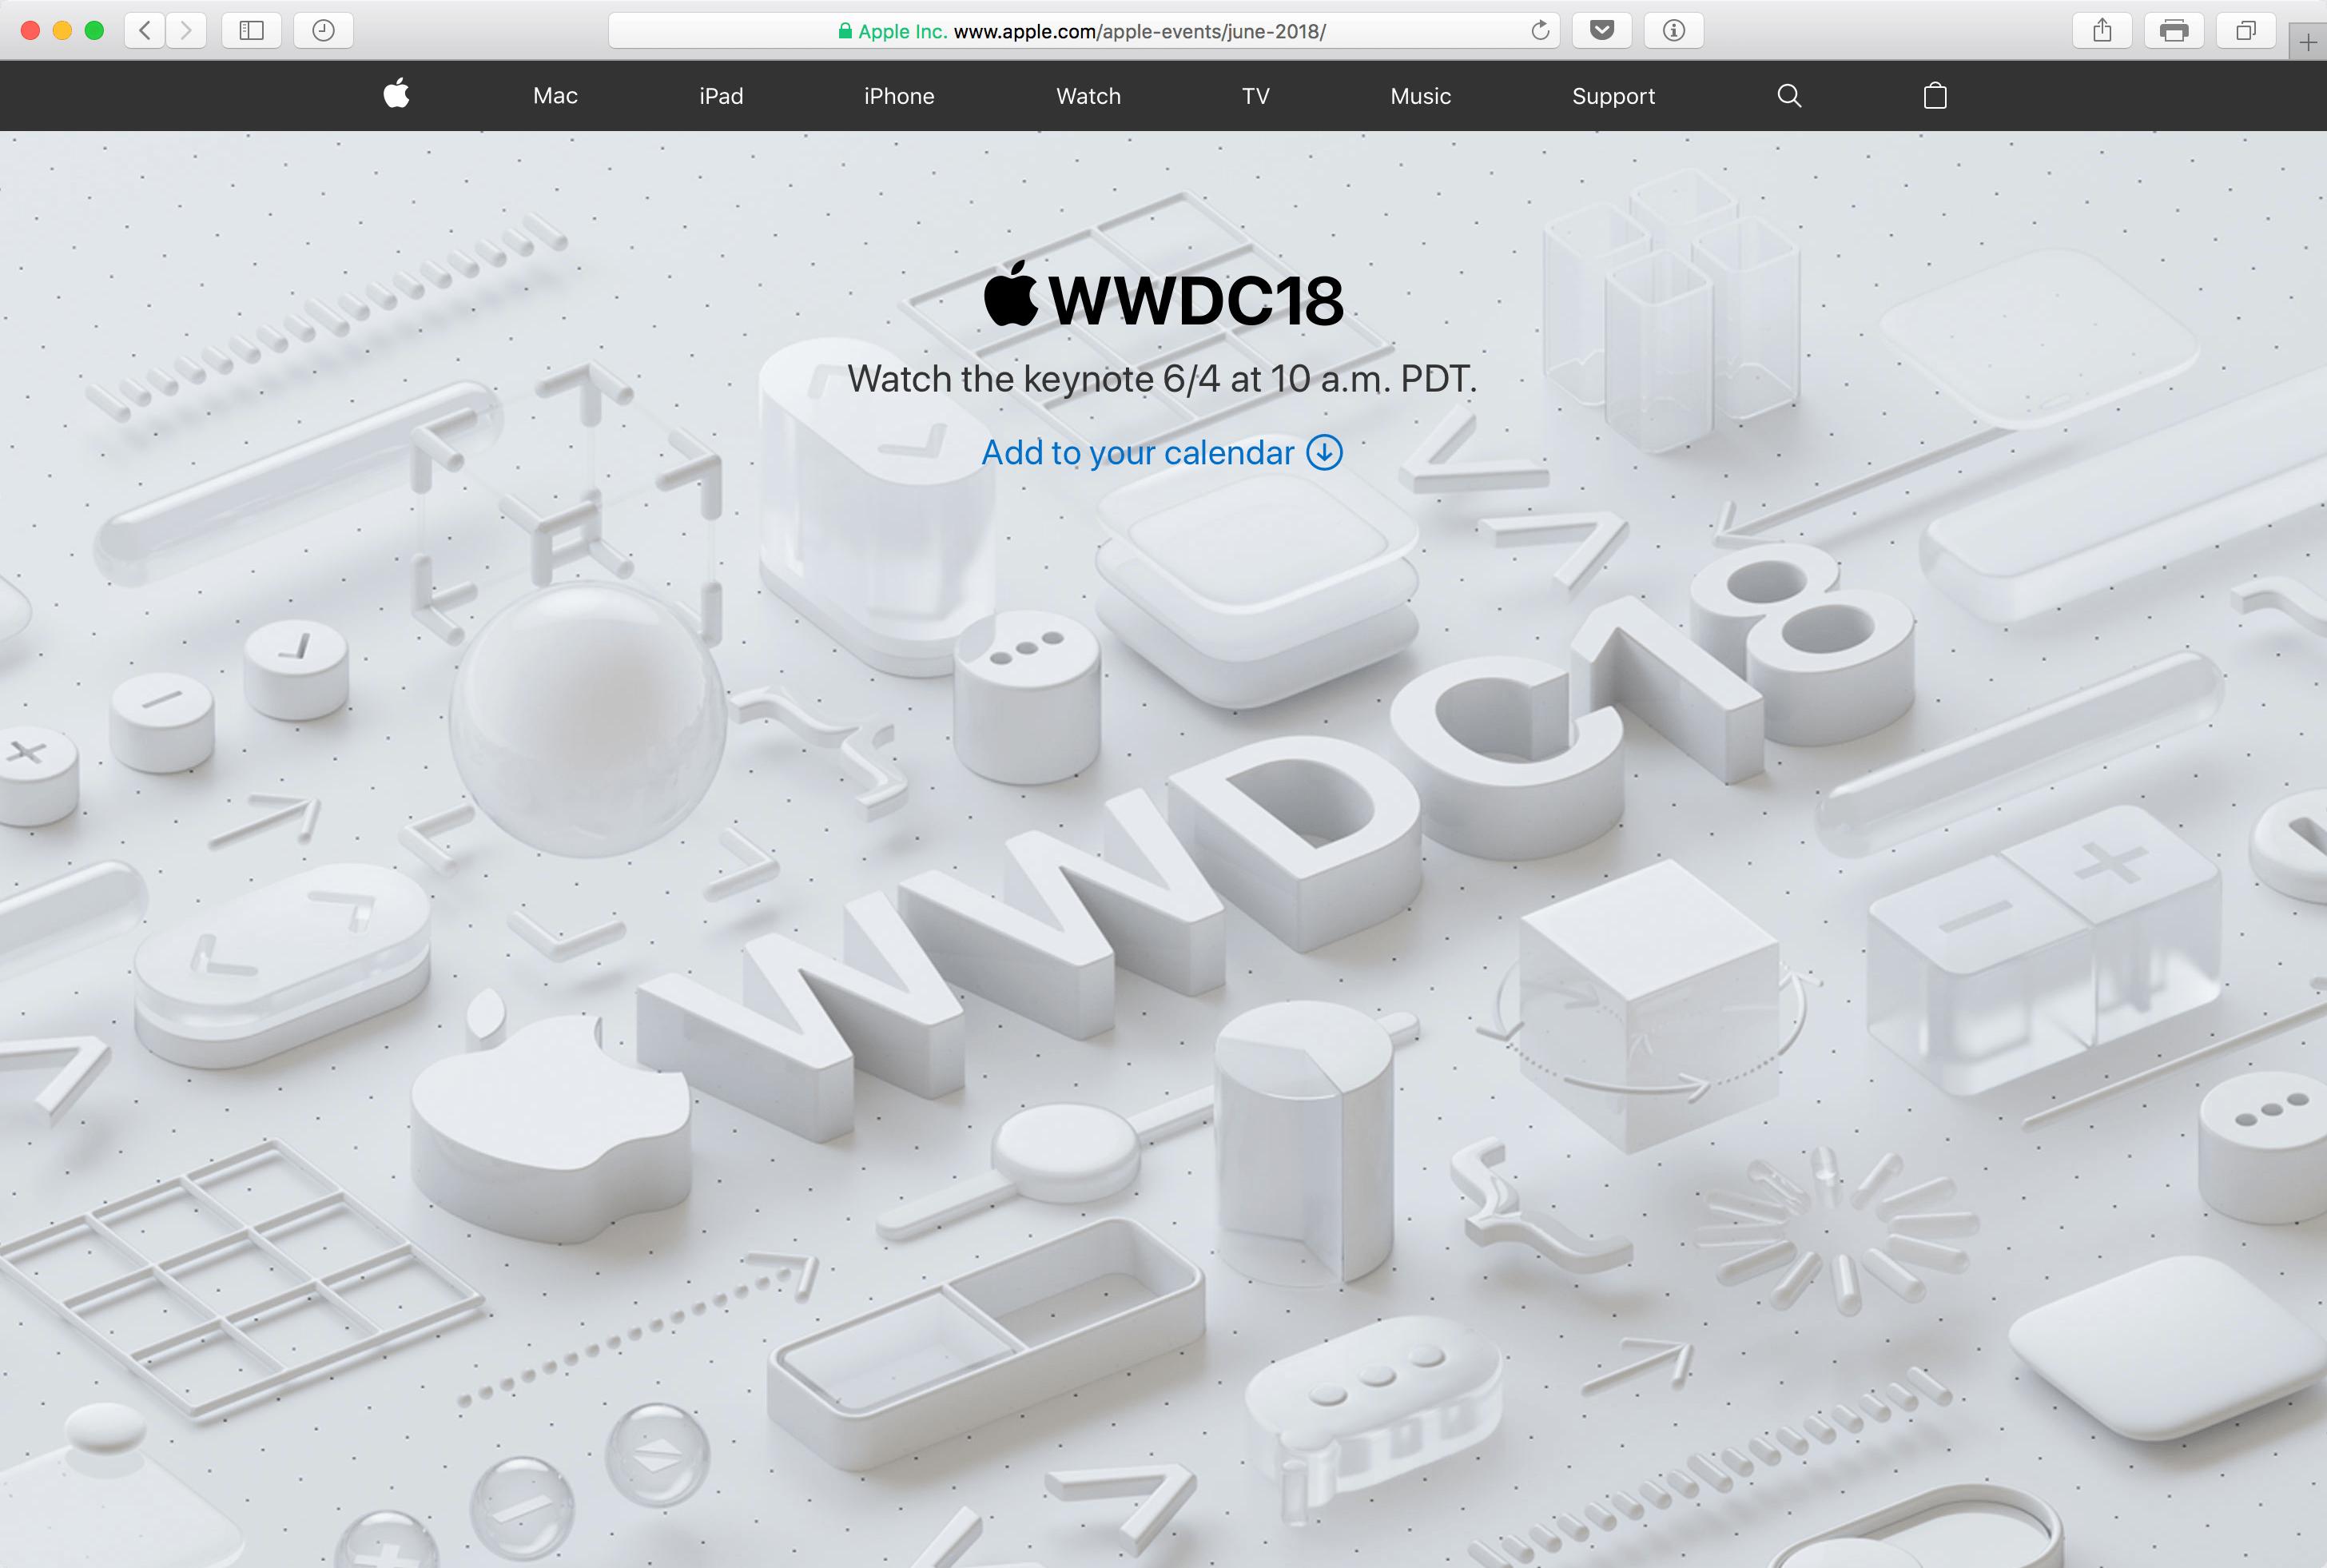 Transmissão ao vivo da Apple pra WWDC18